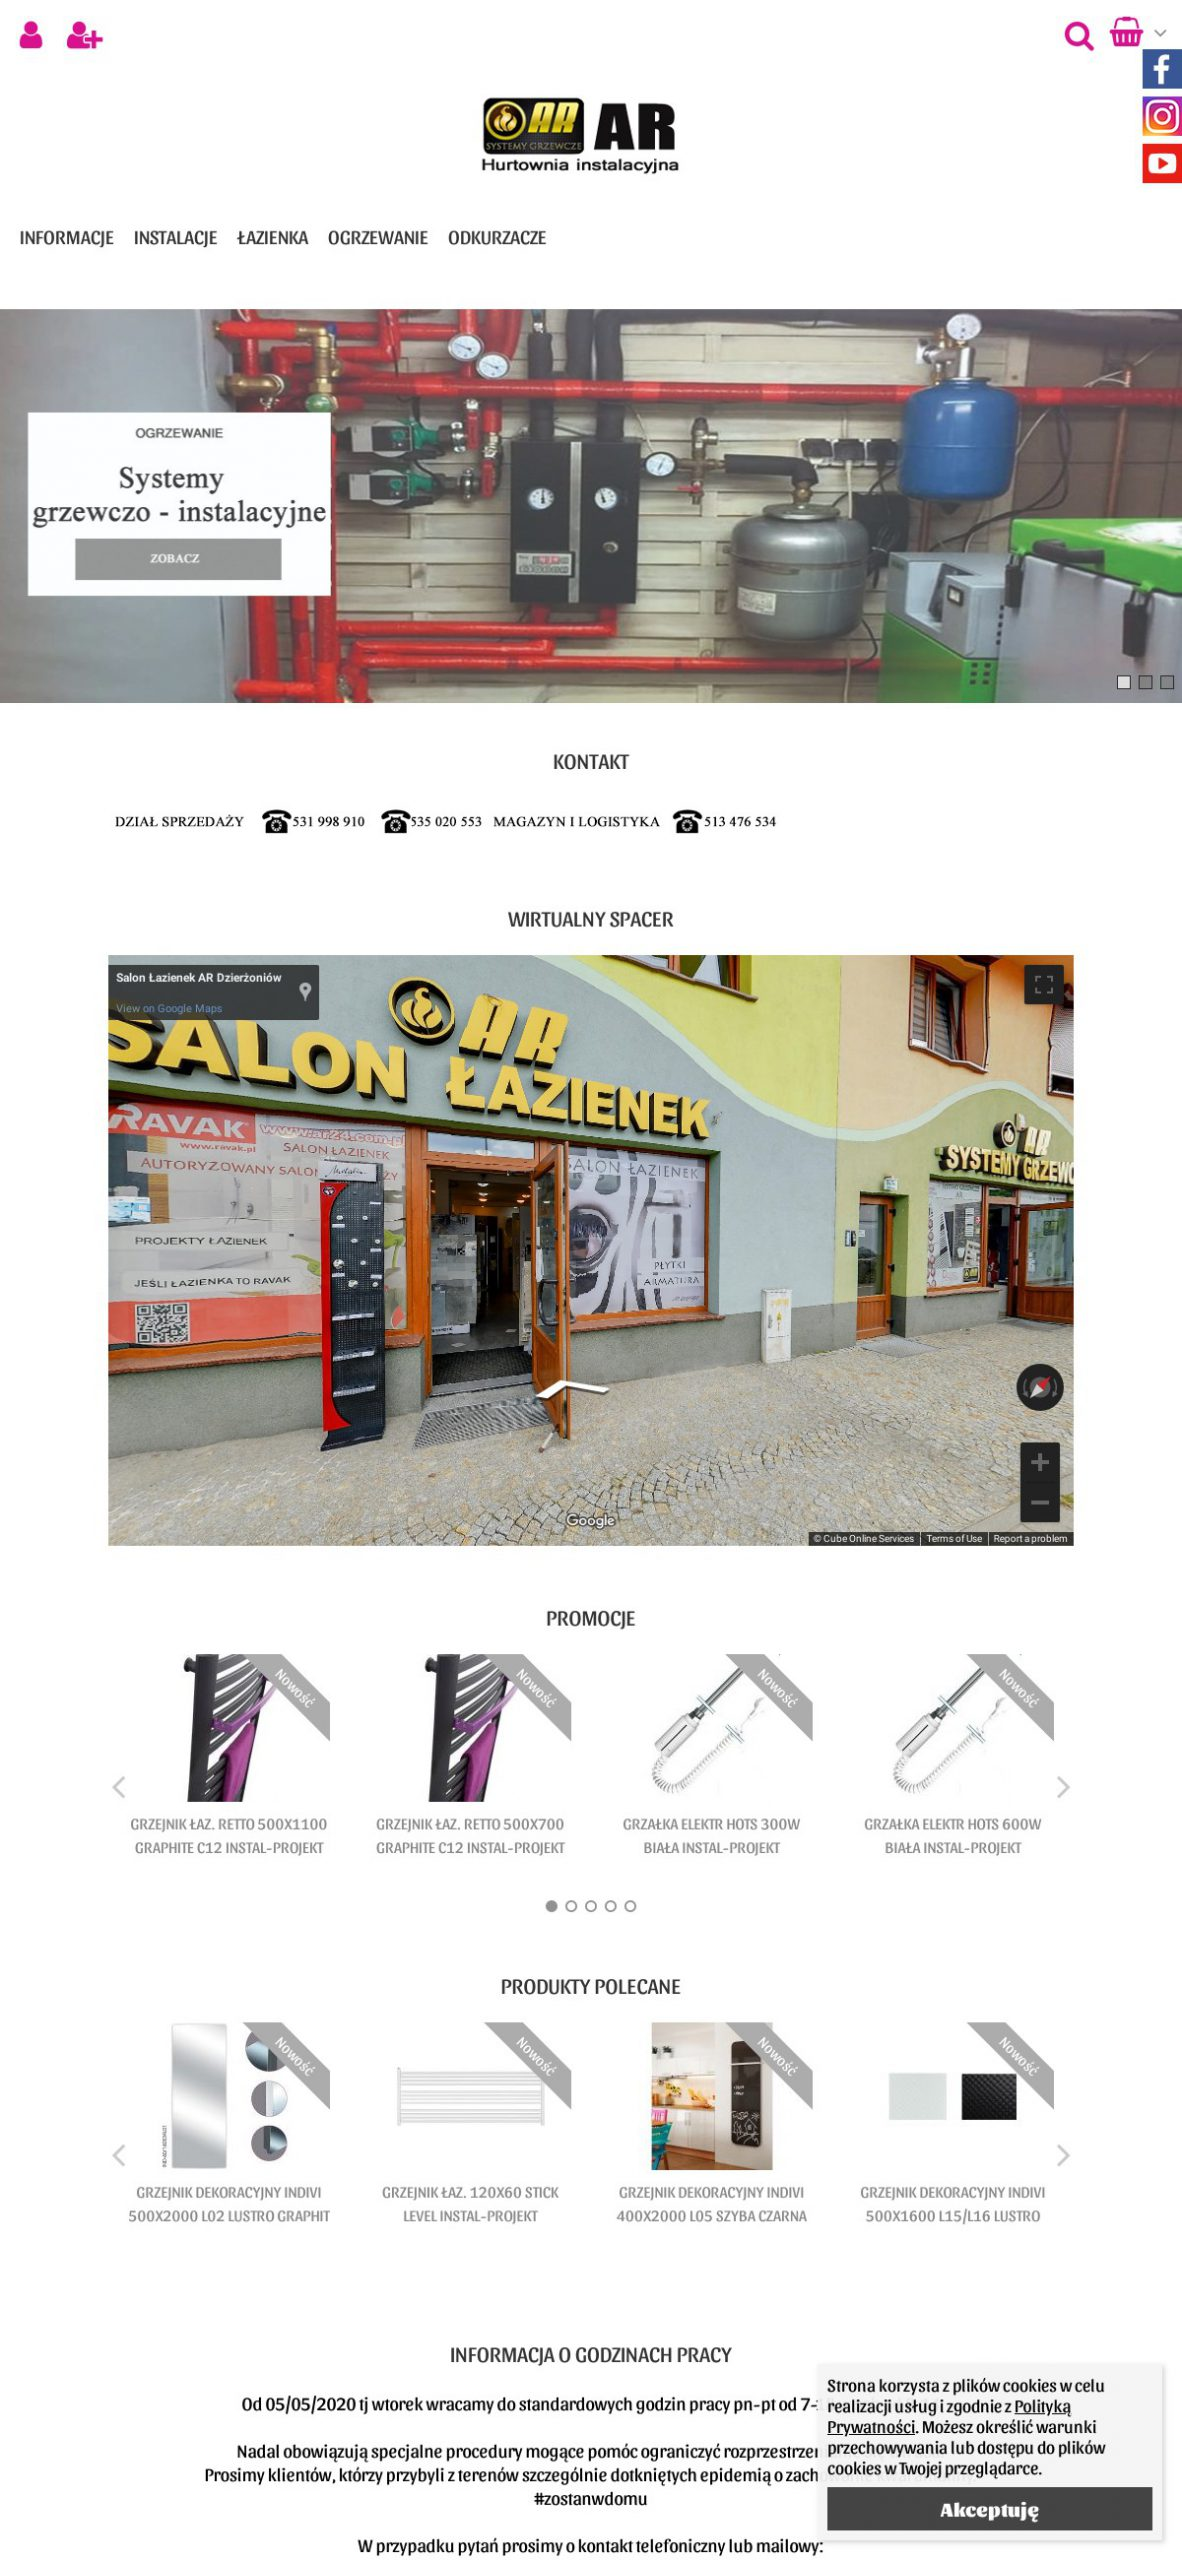 ar24.com.pl Image